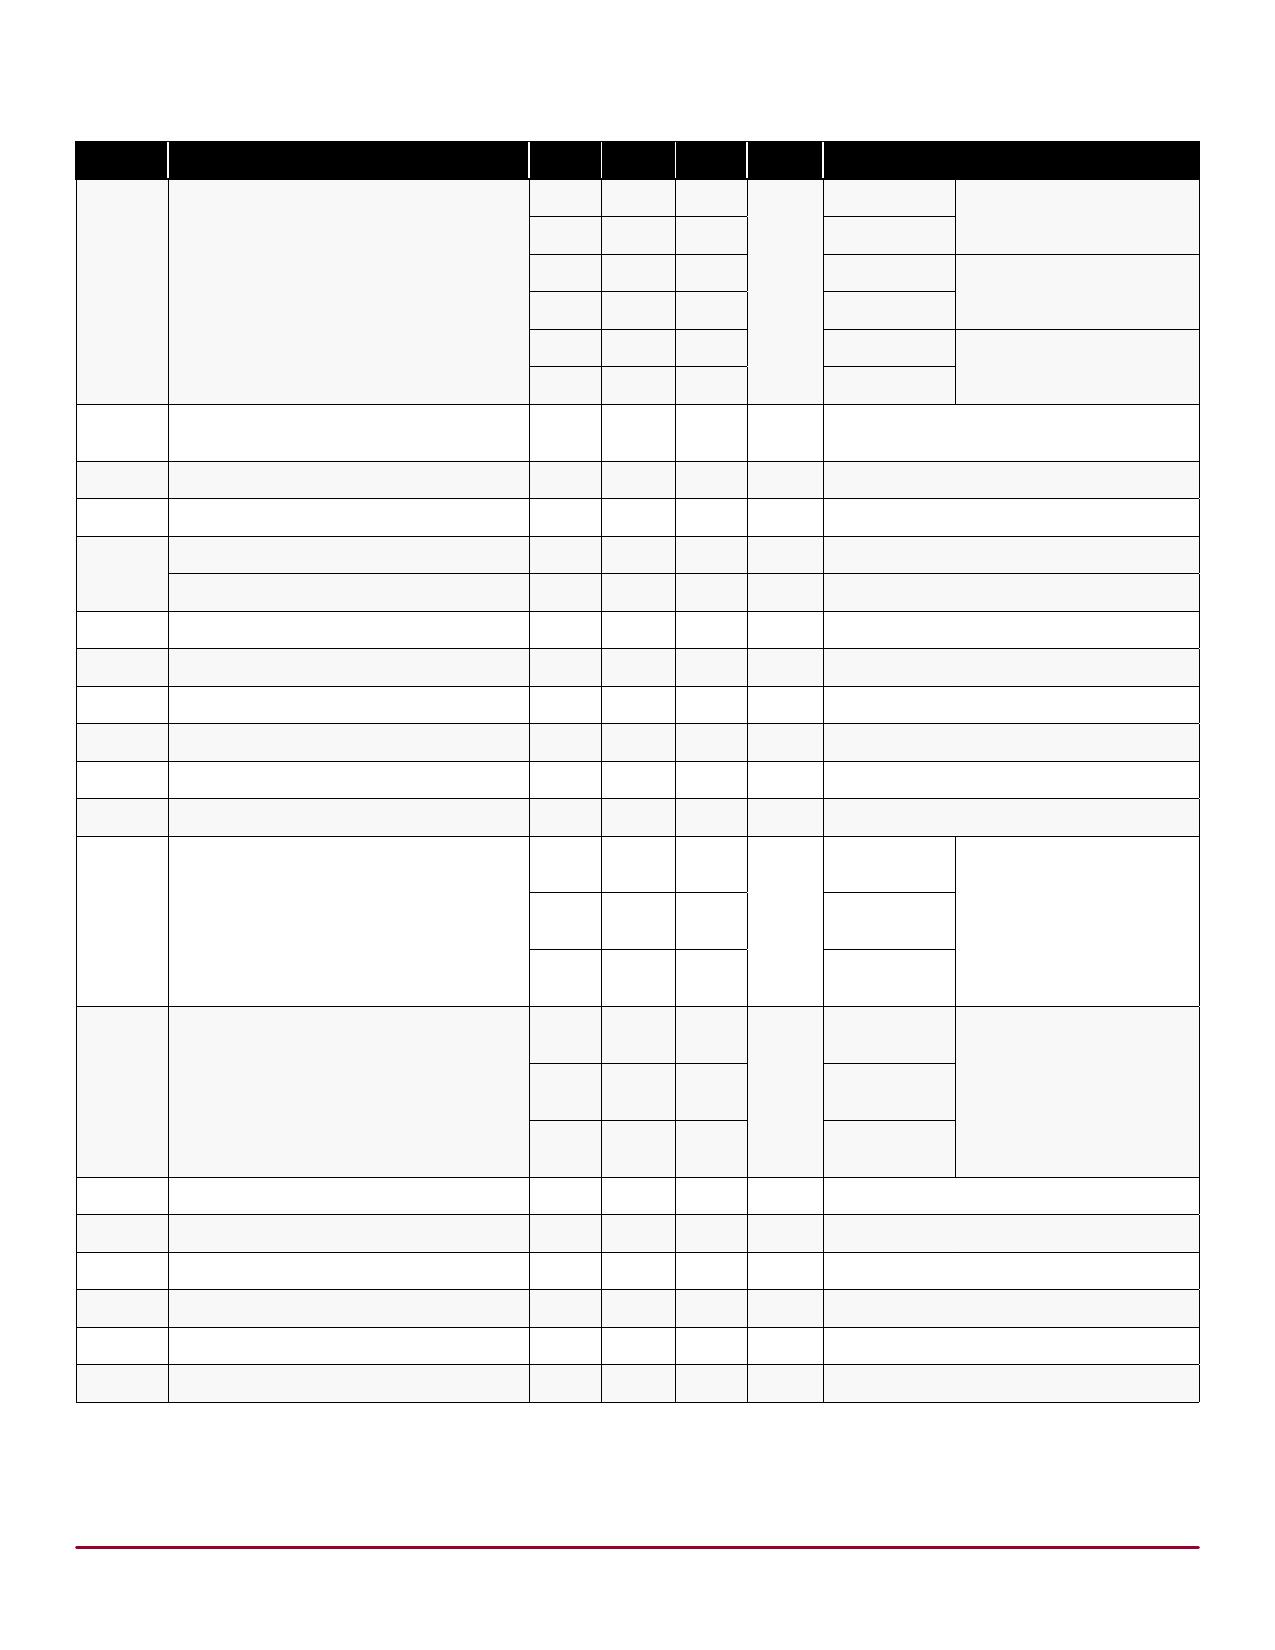 HV214PJ-G pdf, ピン配列